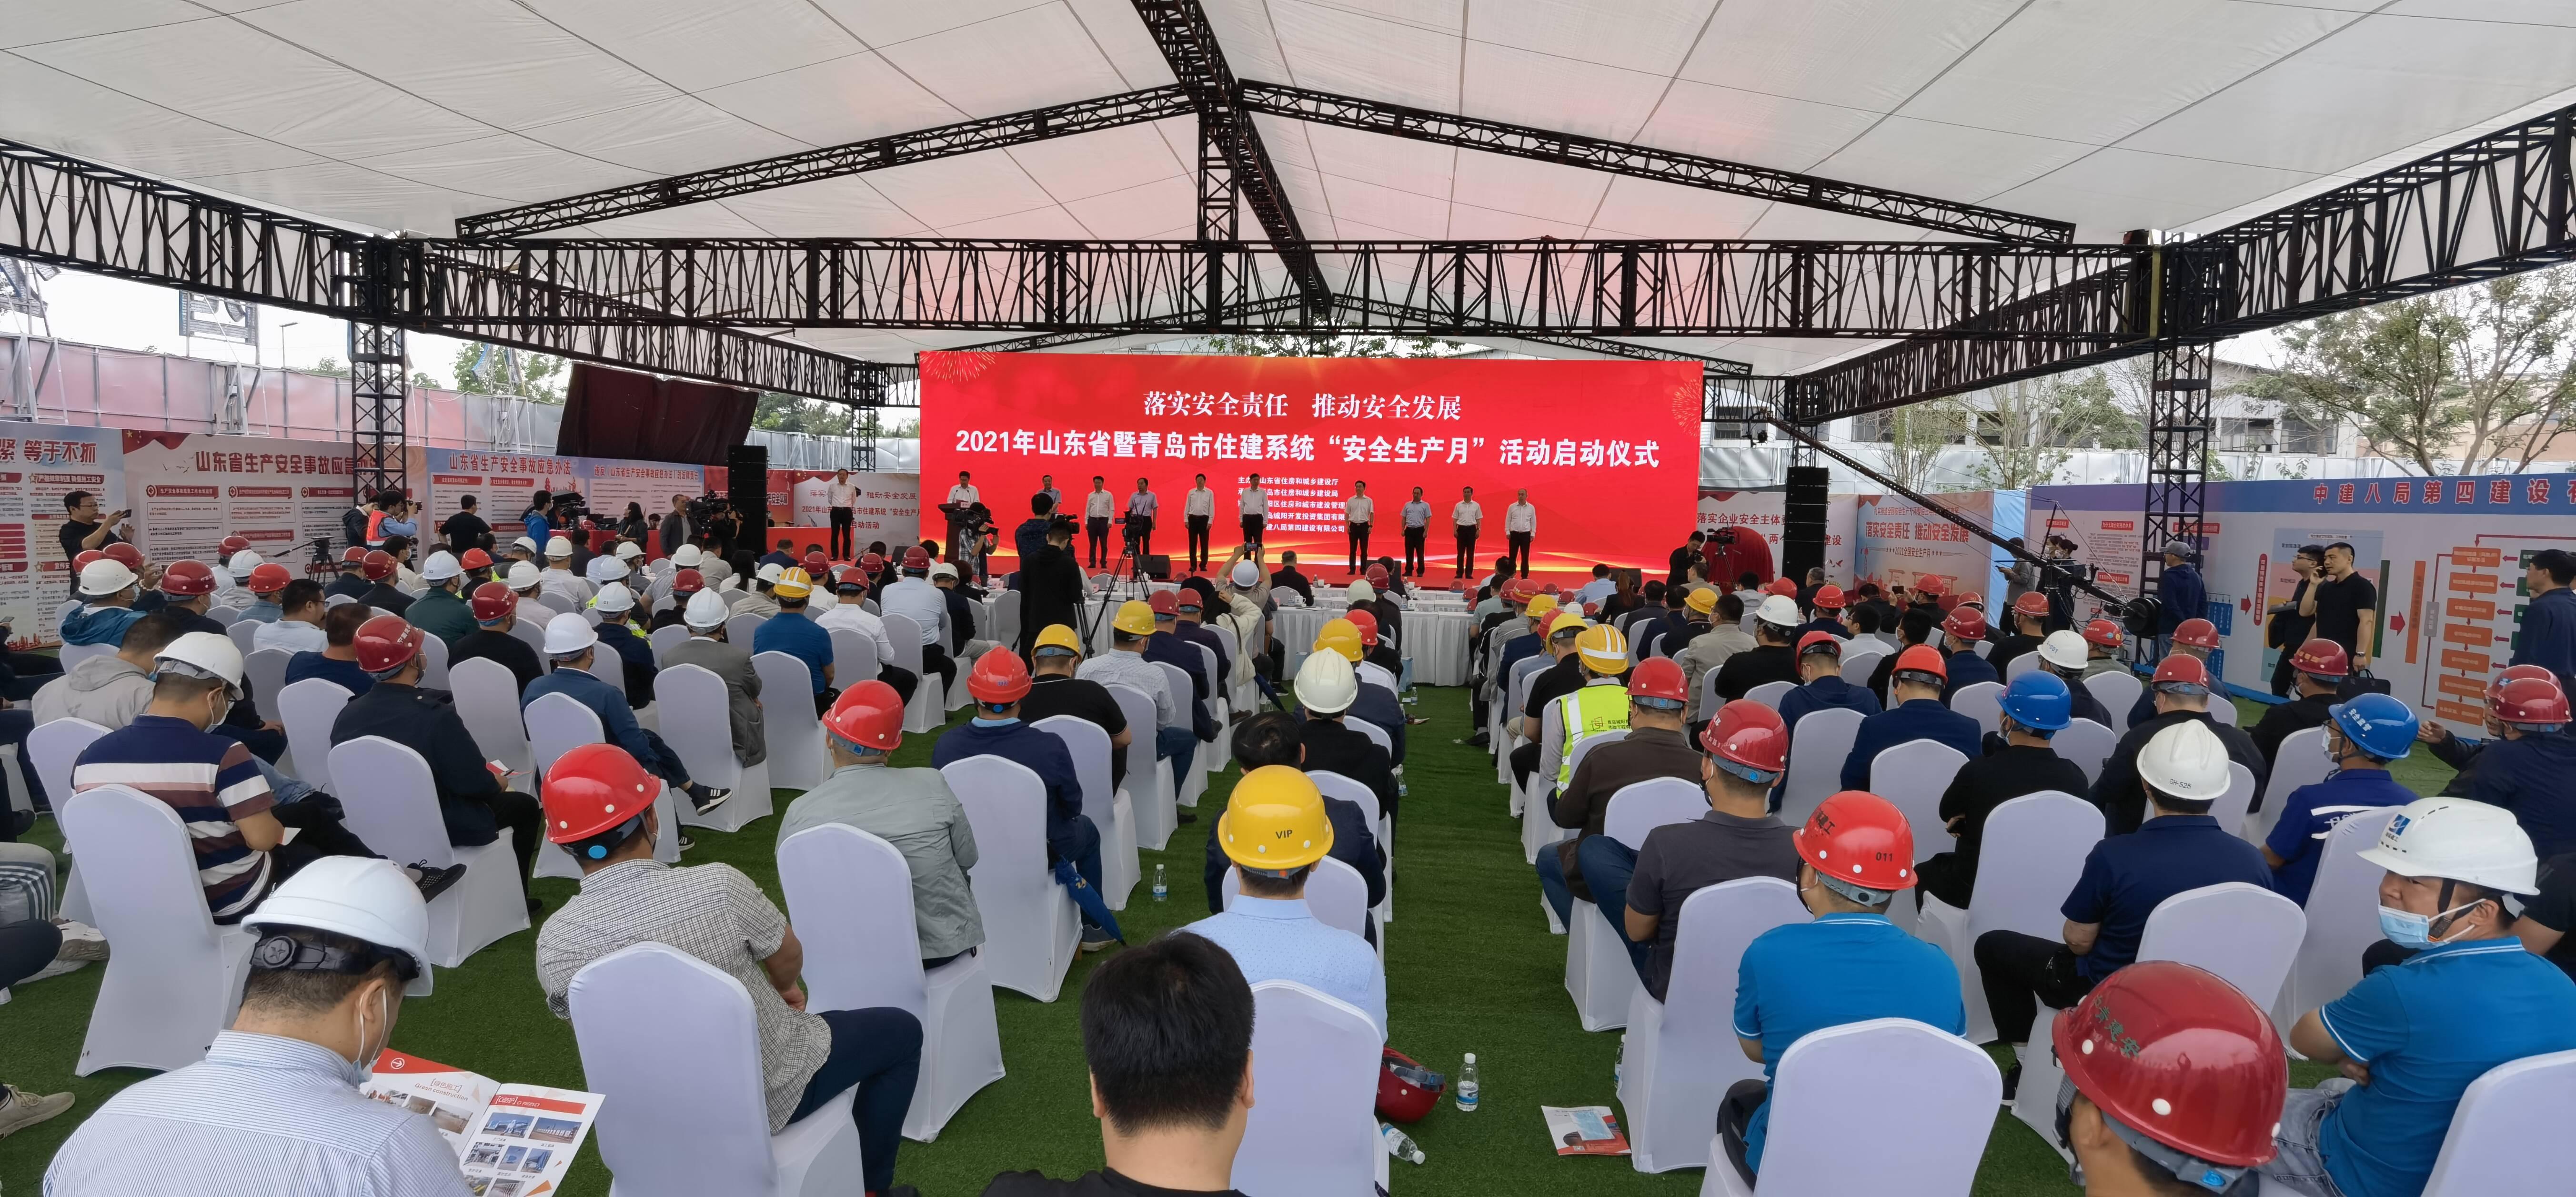 """落实安全责任 2021年山东省暨青岛市住建系统 """"安全生产月""""活动启动"""